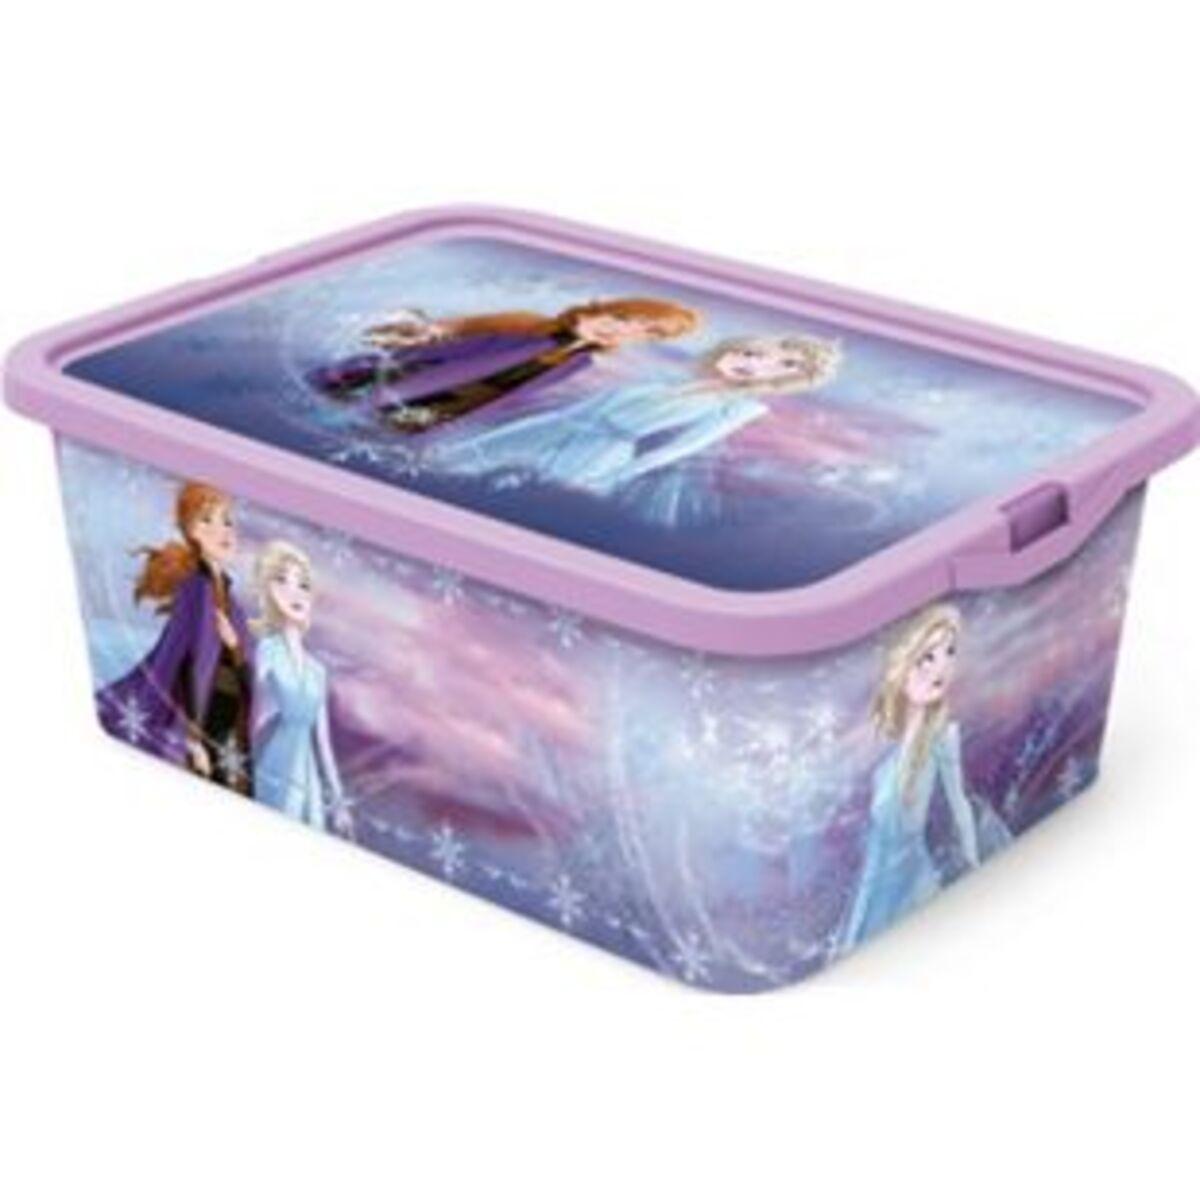 Bild 2 von Mickey/Minnie Aufbewahrungsbox 13L - Frozen 2